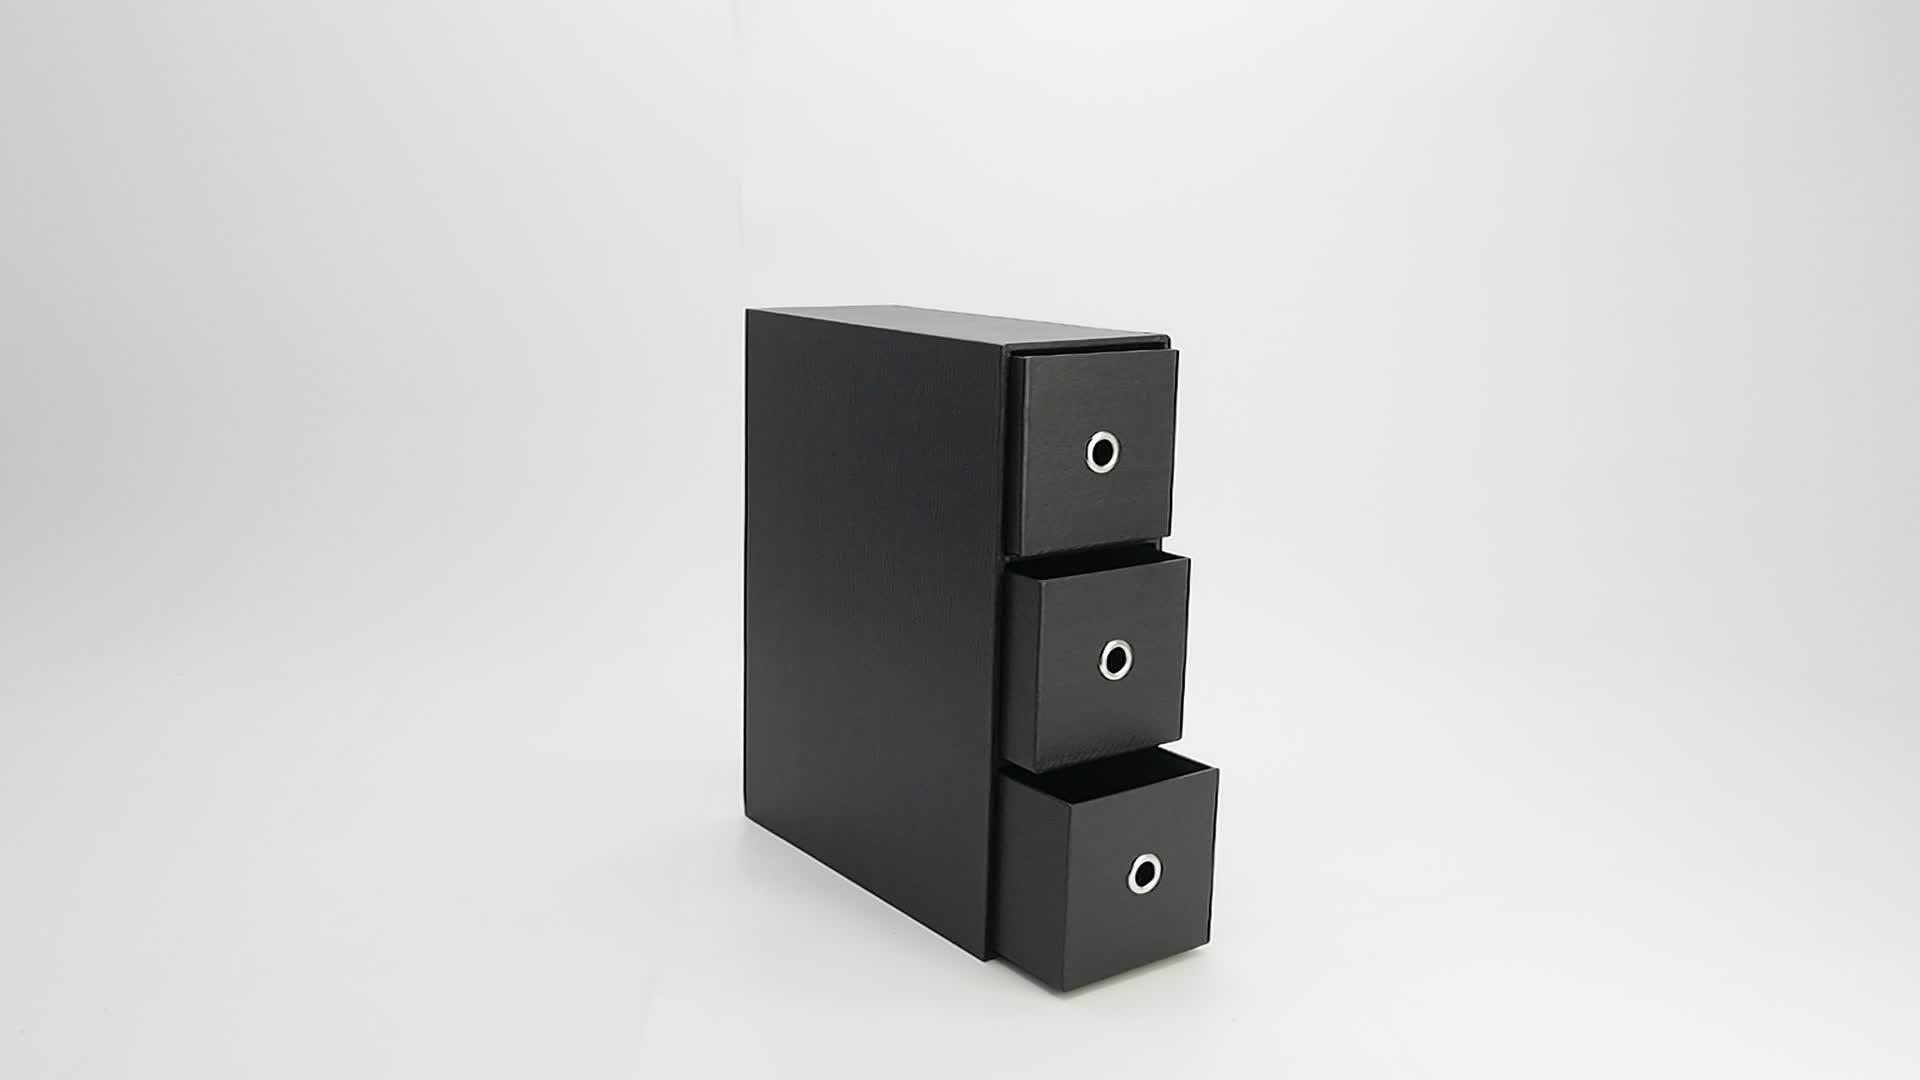 สำนักงานกระดาษแข็งสีเทาลายไม้เรียงลำดับลิ้นชักตู้เก็บกล่อง